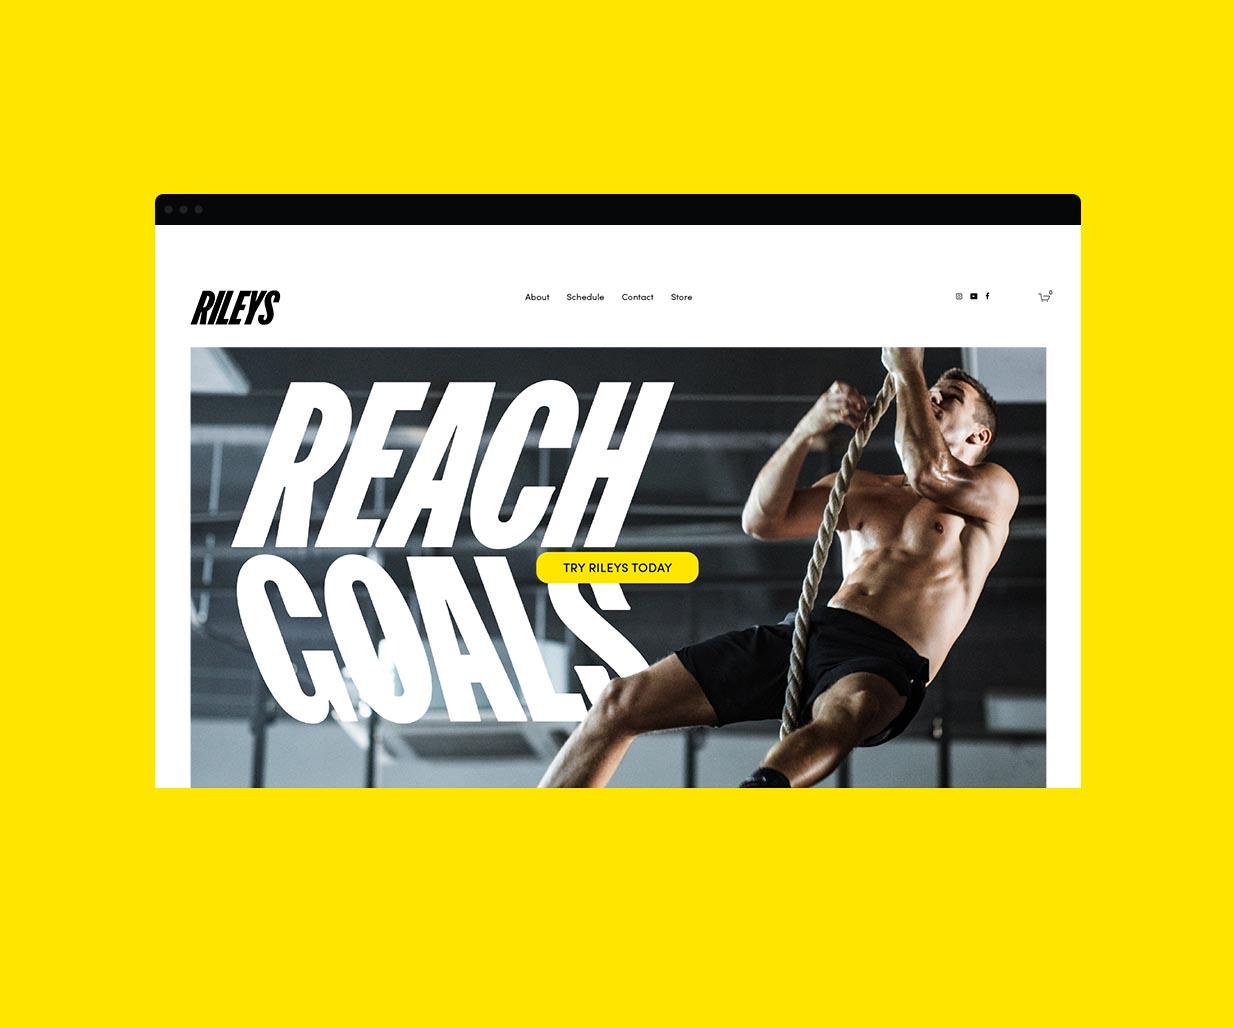 Brand identity design for Rileys Gym by Australian branding agency, Percept, image H